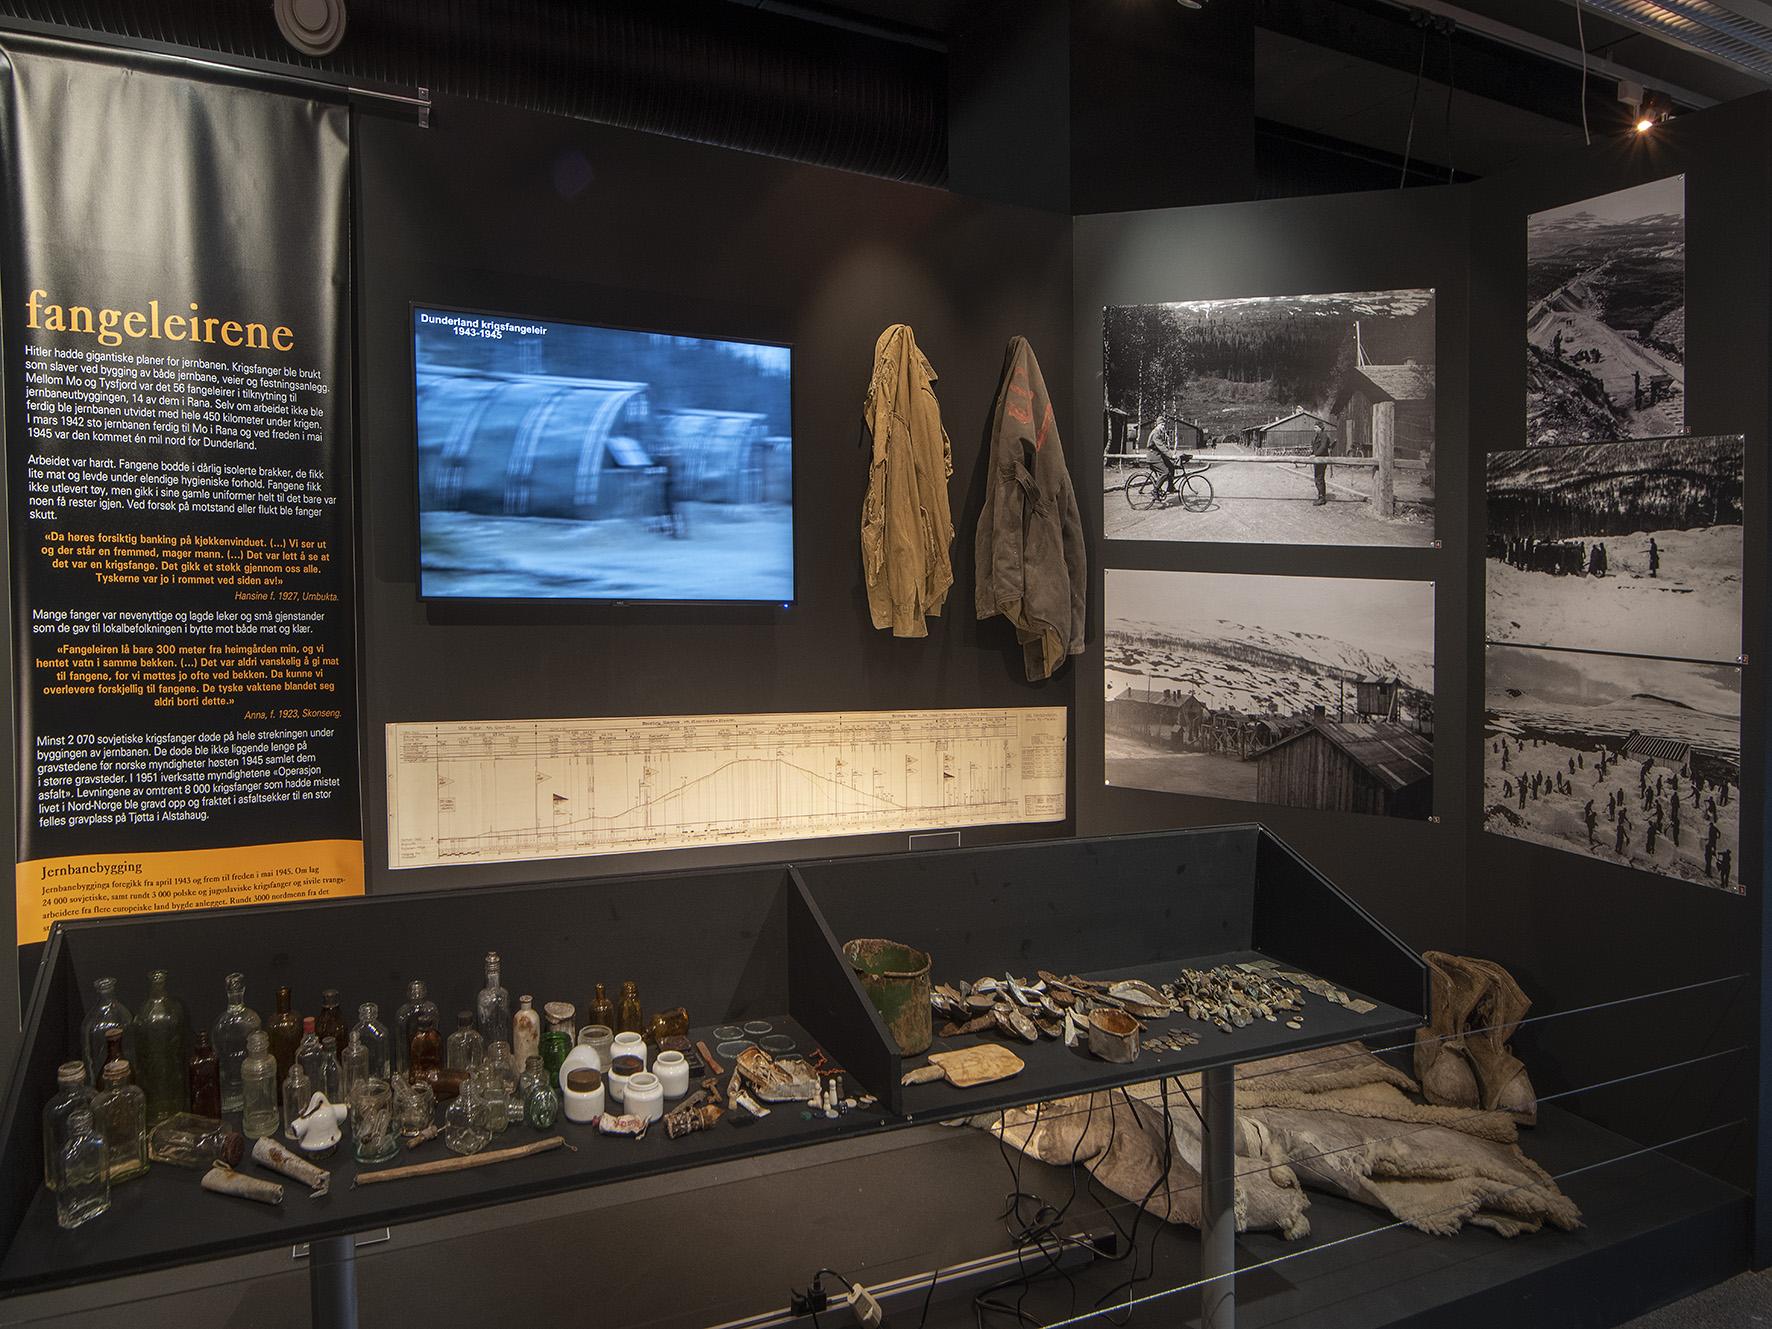 Oversiktsbilde fra utstilling på Rana museum